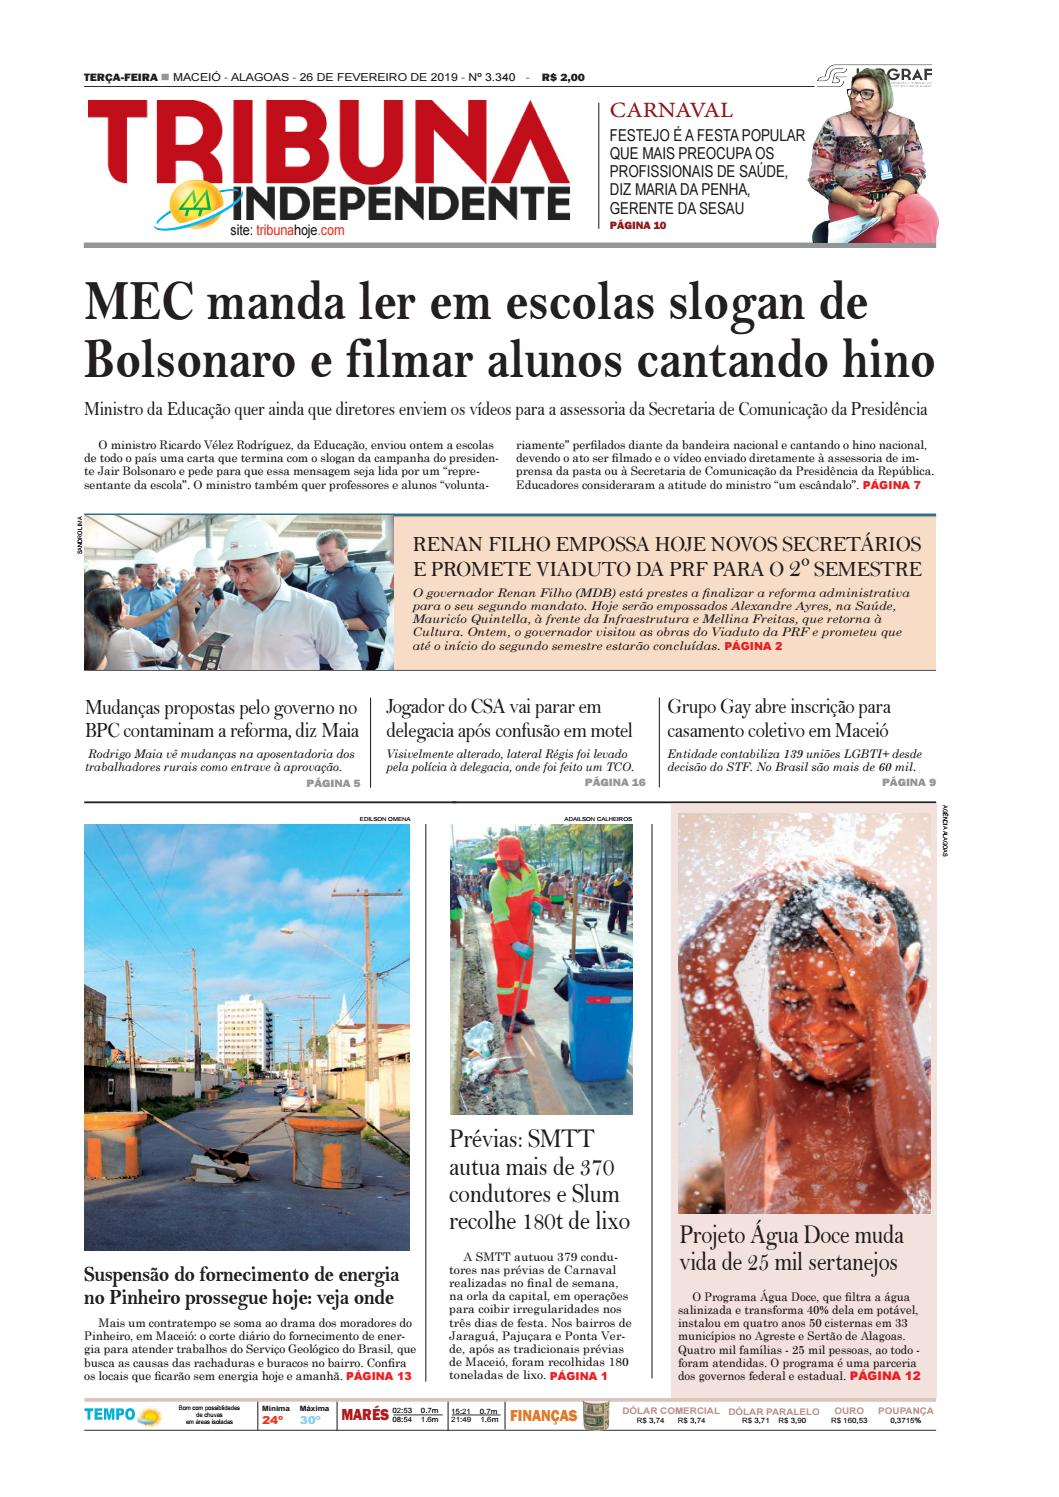 4dc568e71 Edição número 3340 - 26 de fevereiro de 2019 by Tribuna Hoje - issuu